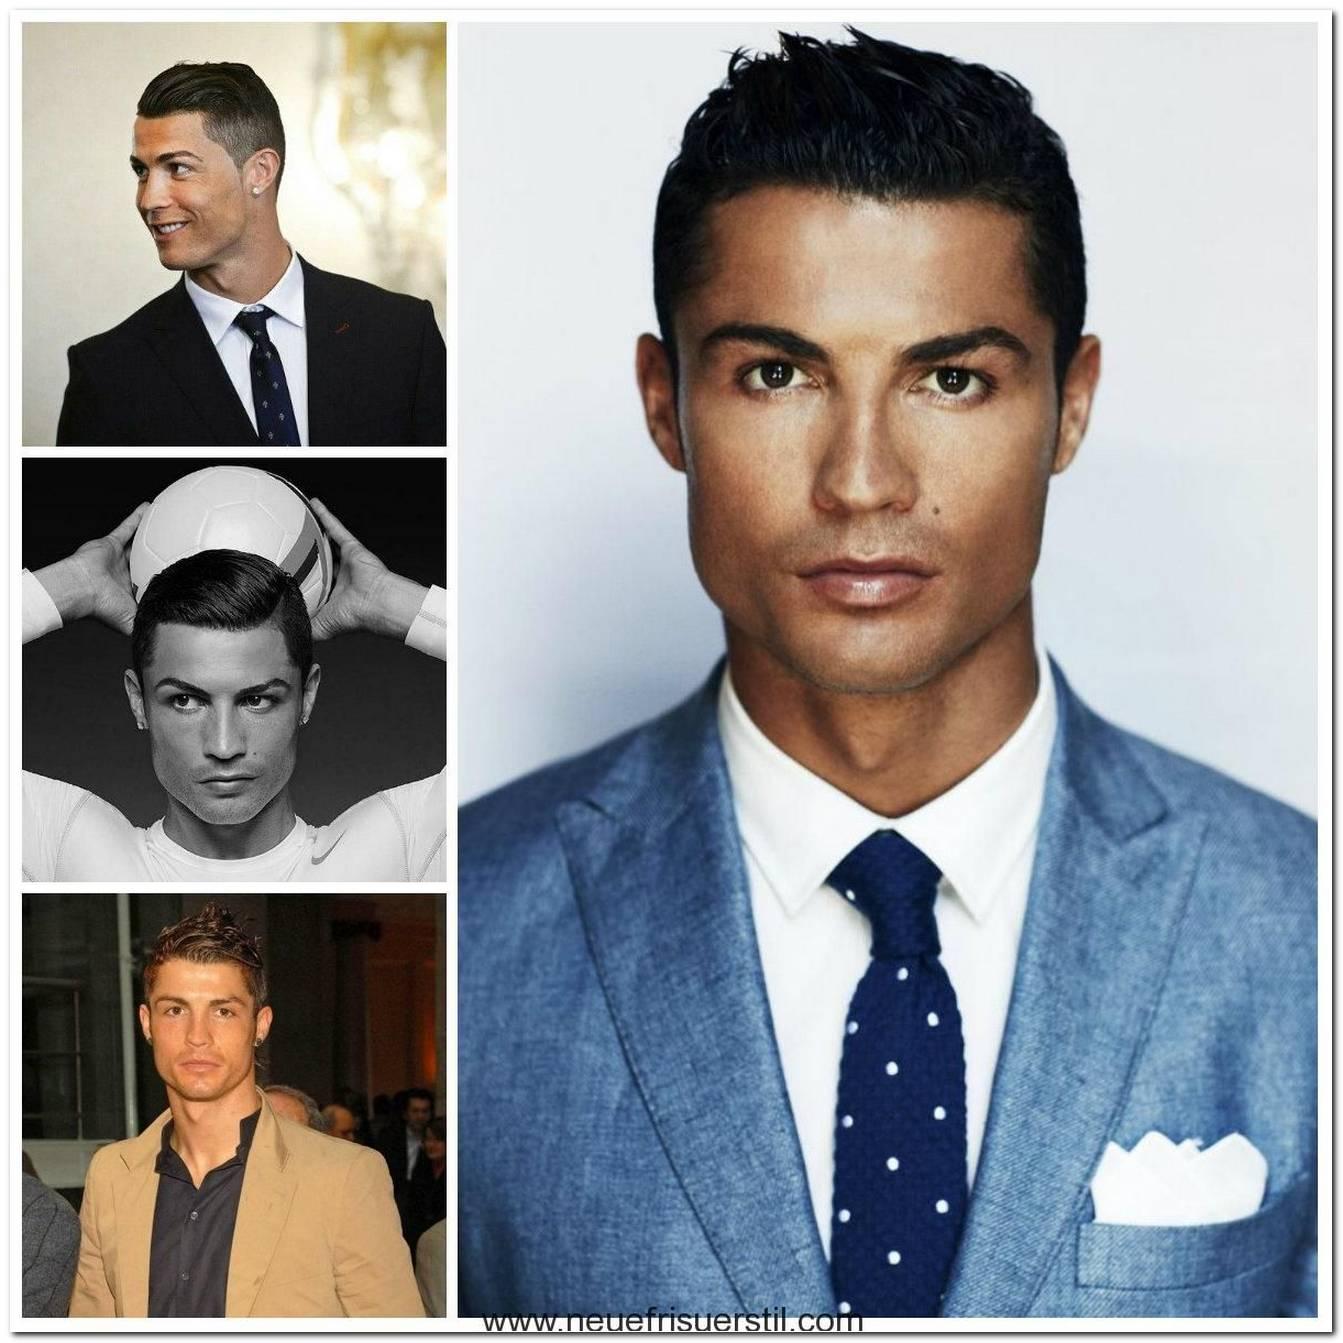 Frisur Von Cristiano Ronaldo